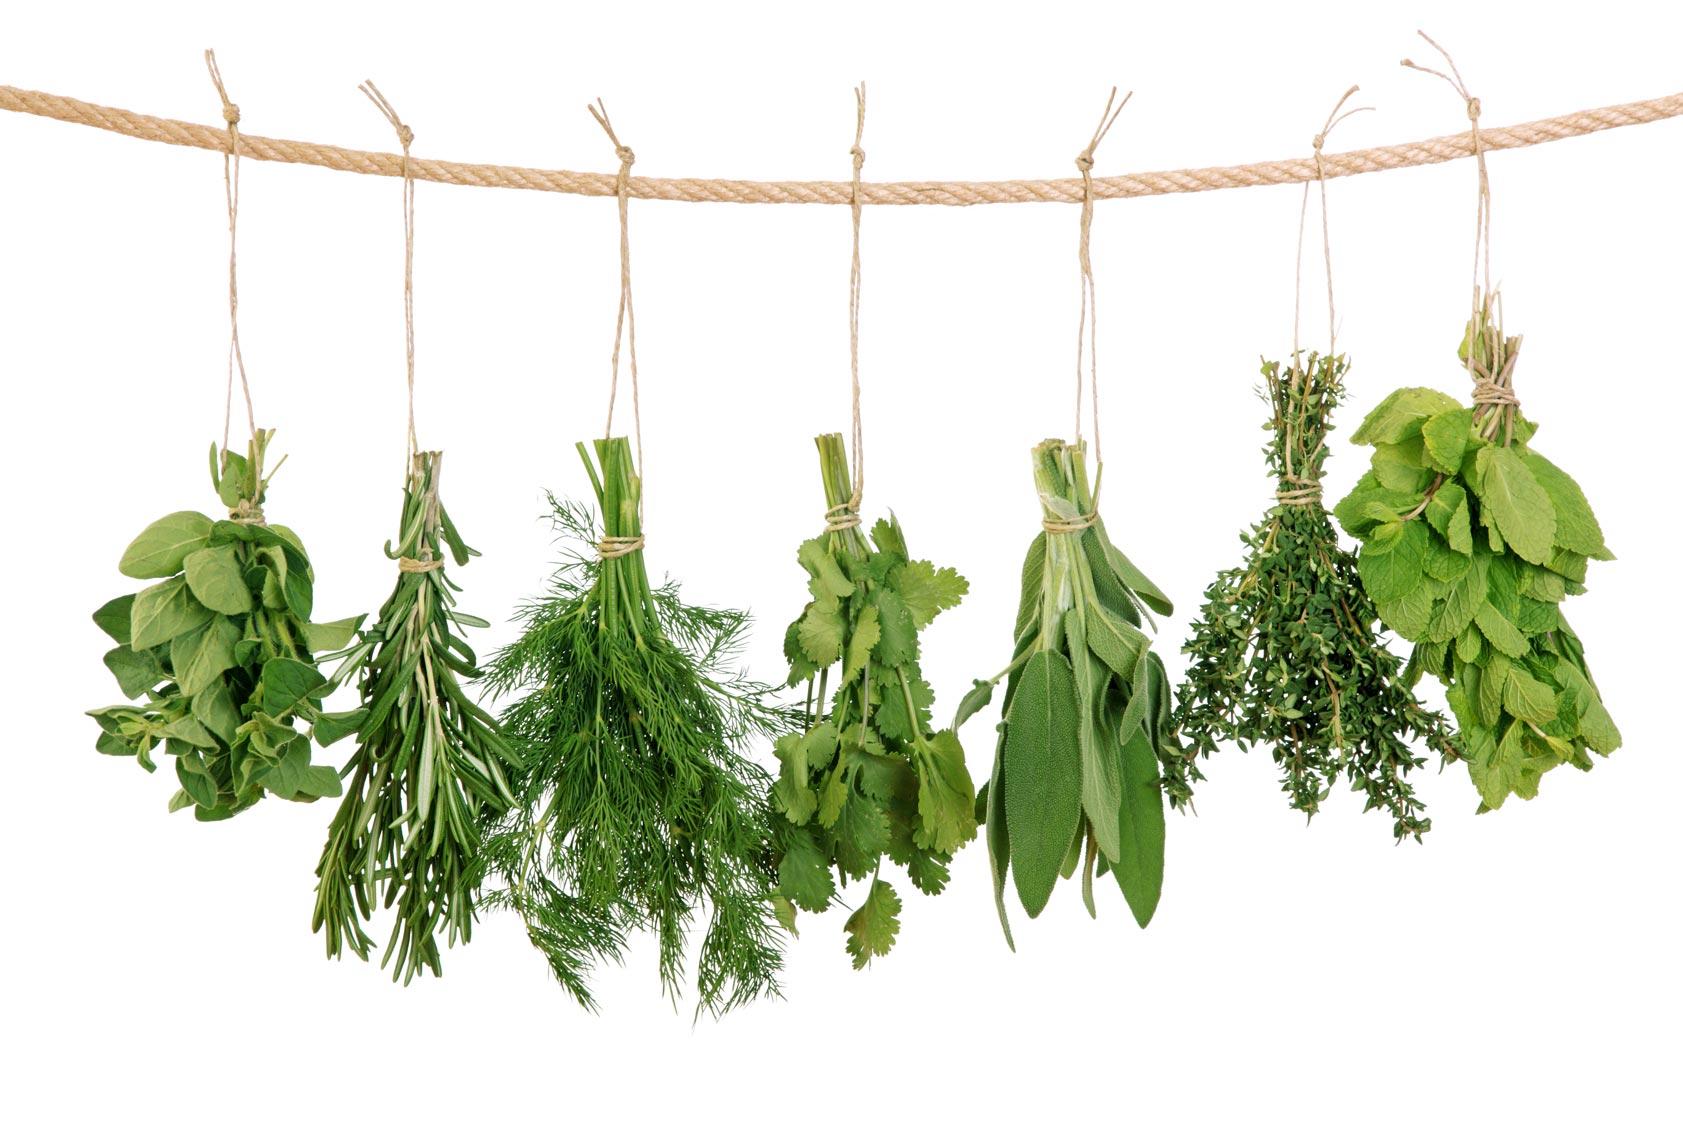 welche pflanzen sind auf den bild zu erkennen gesundheit. Black Bedroom Furniture Sets. Home Design Ideas